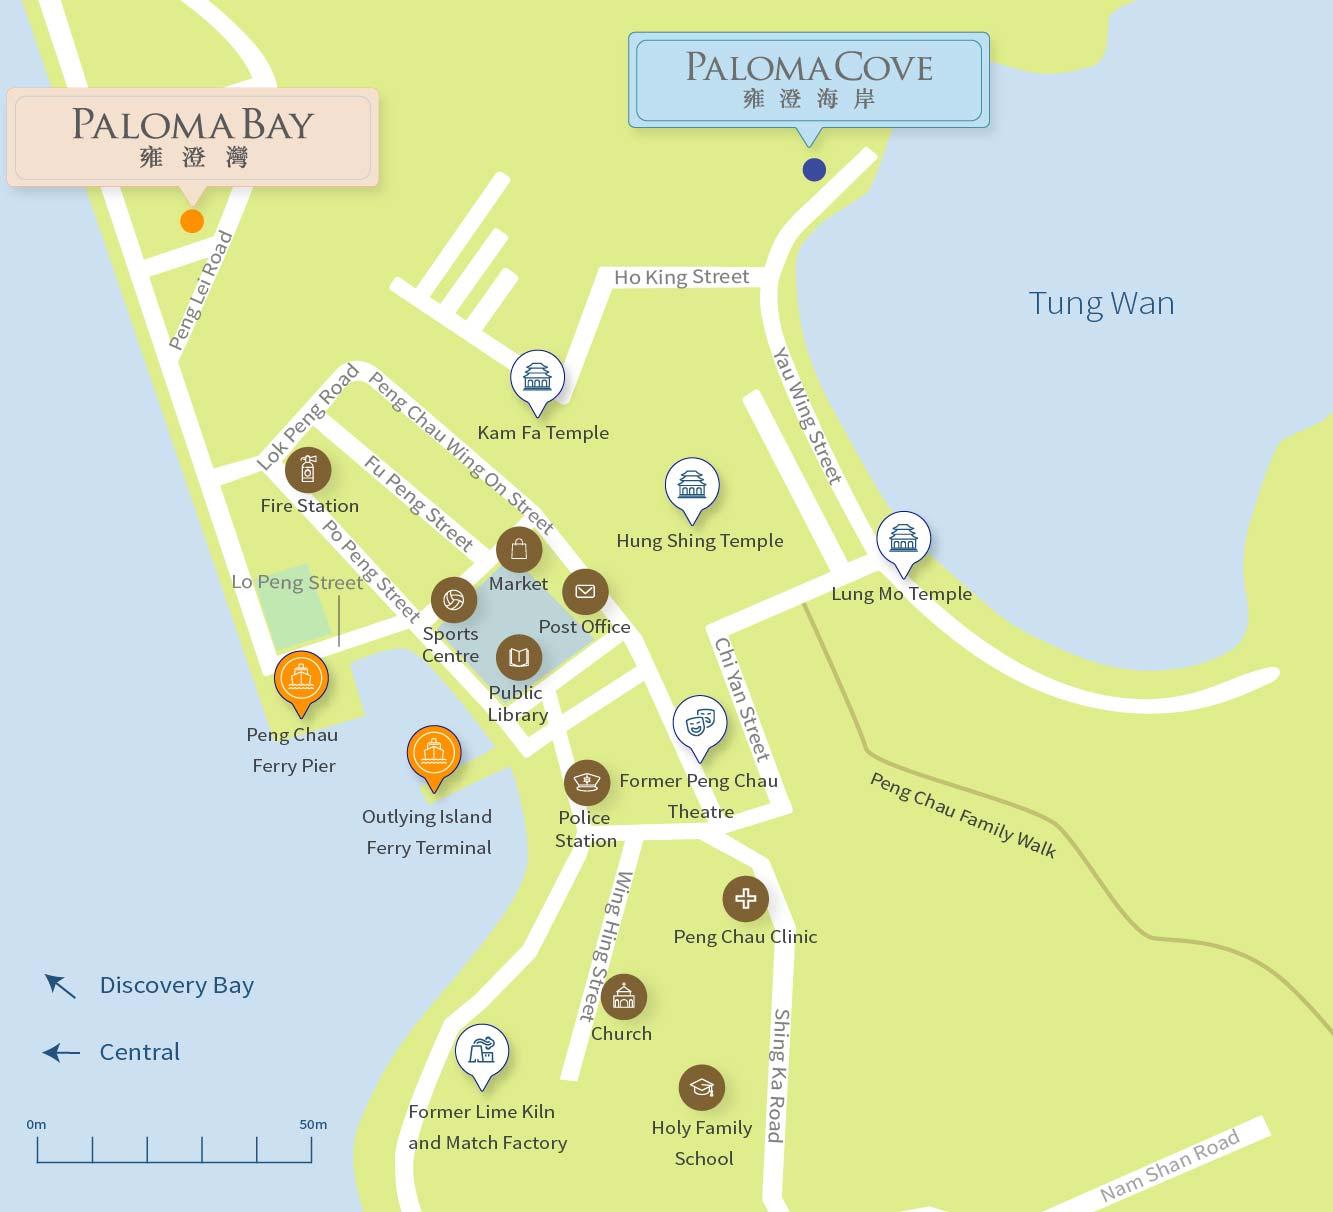 Paloma Cove